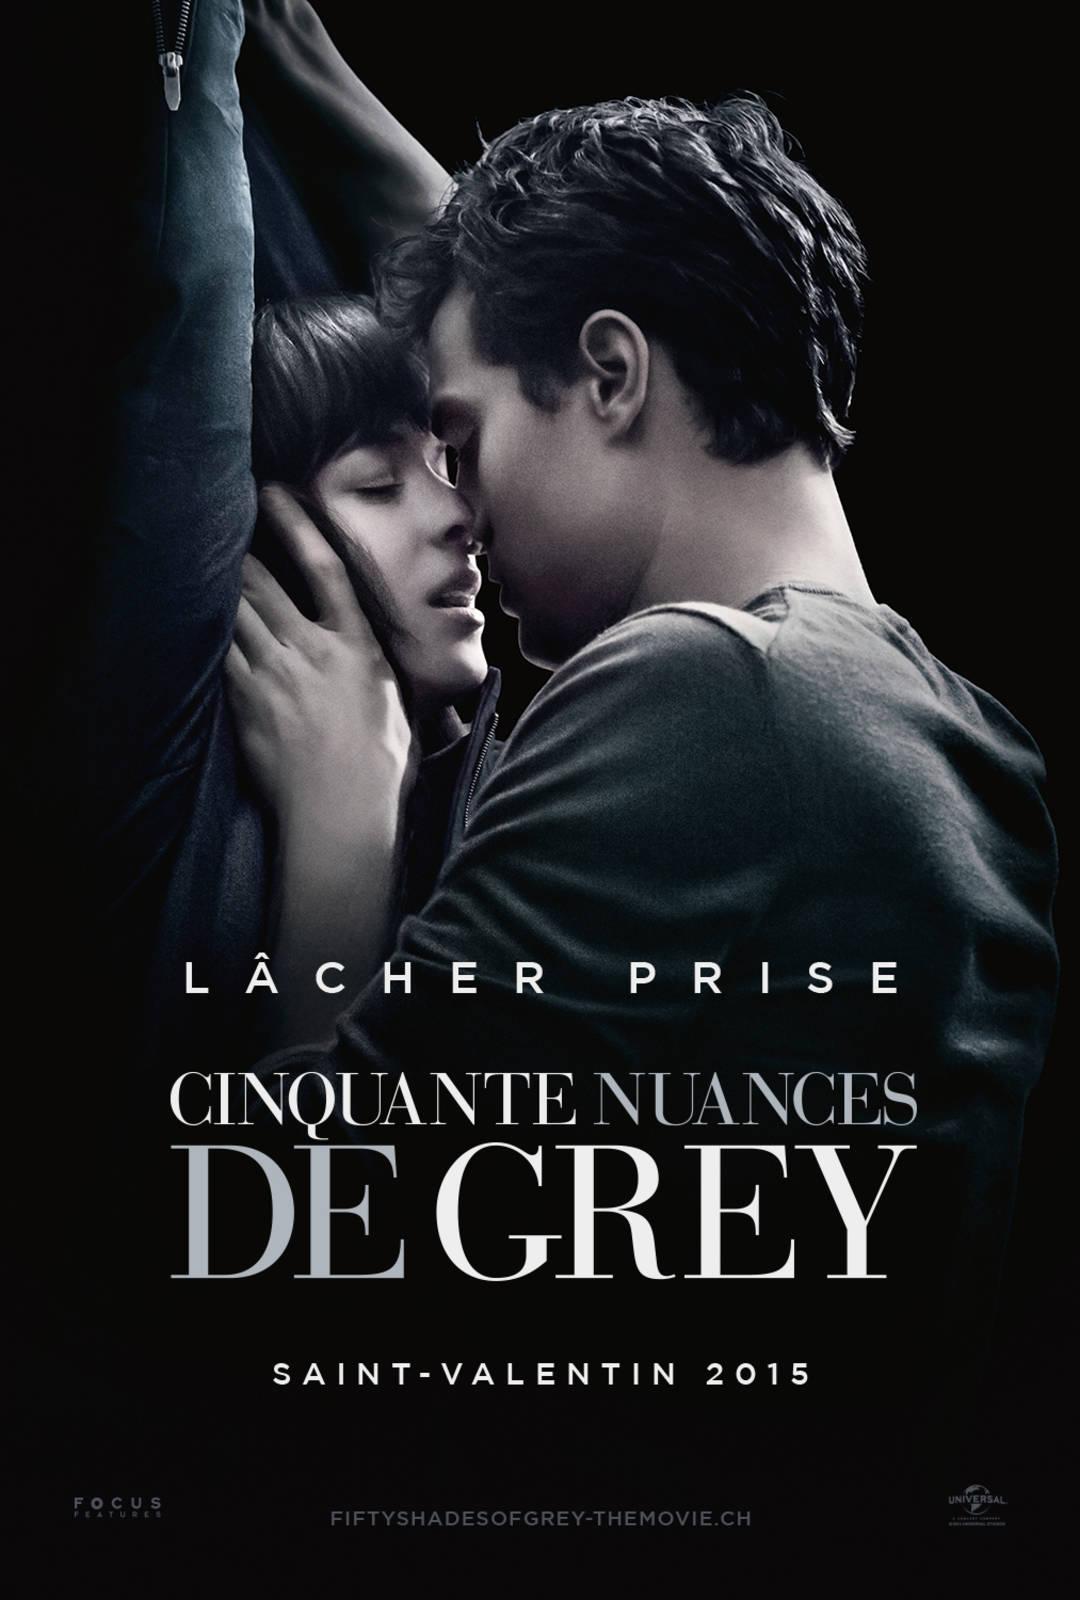 50 Nuances De Grey Integral Film : nuances, integral, Nuances, Cineman